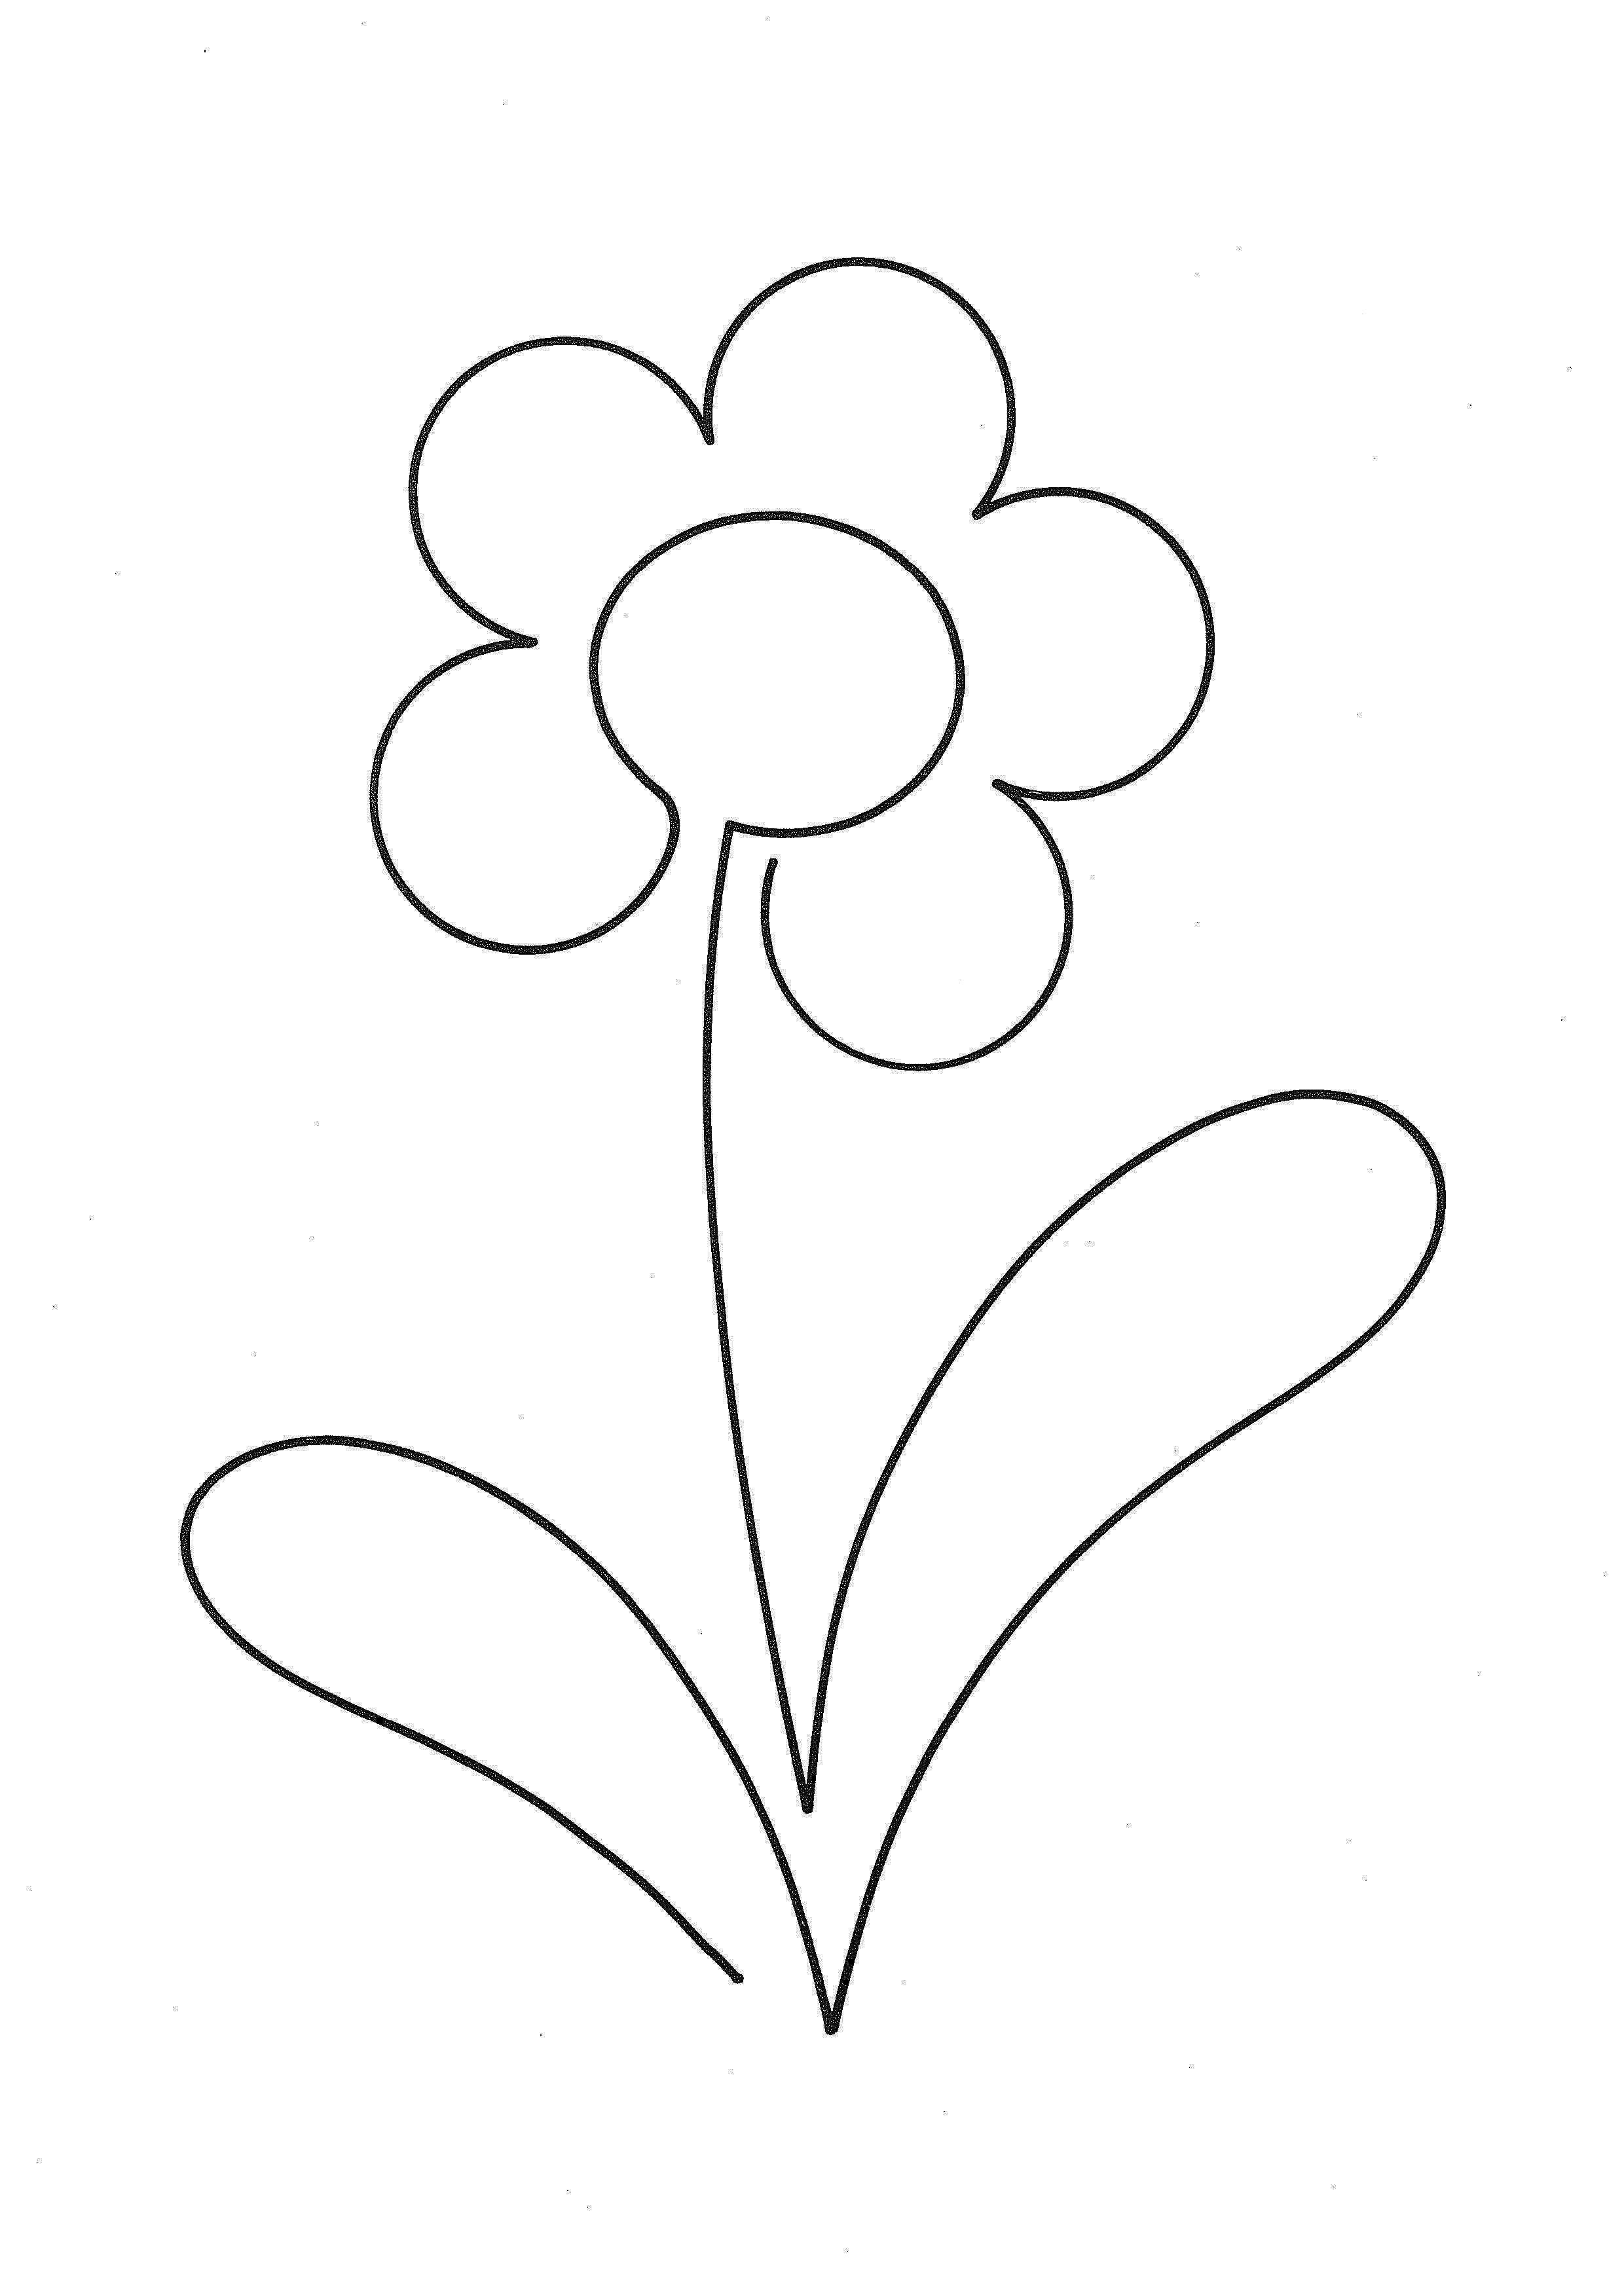 Pin de Olga Lucia en Dibujos-Trazos | Pinterest | Dibujos, Bordado y ...